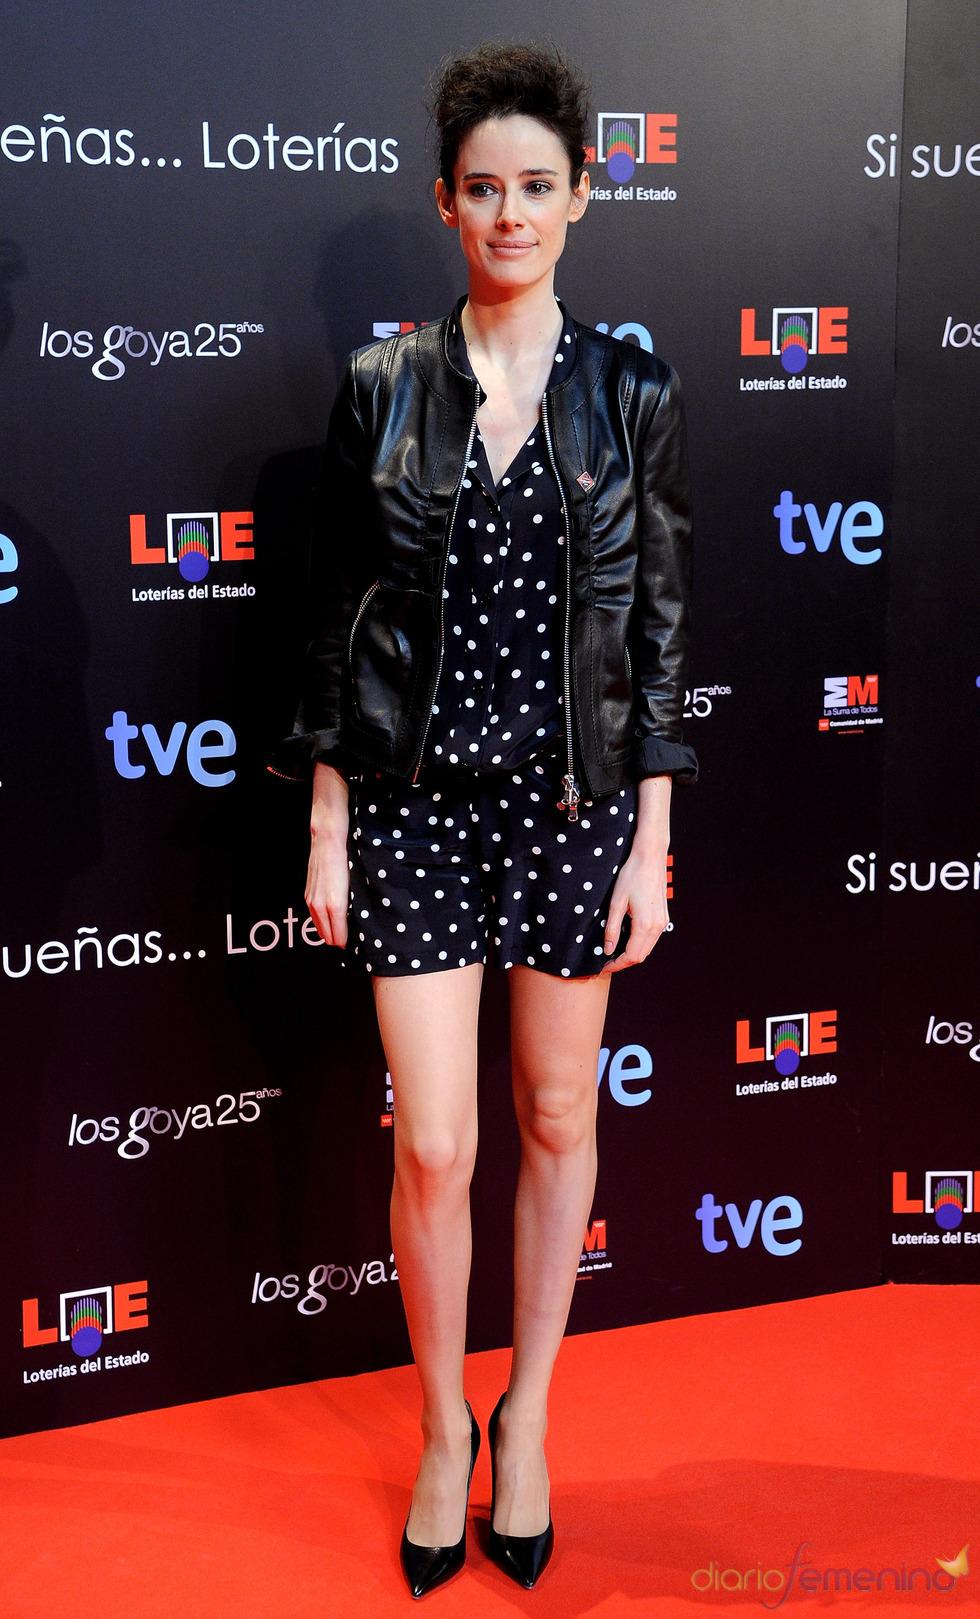 Pilar López de Ayala en la presentación de nominados a los Goya 2011